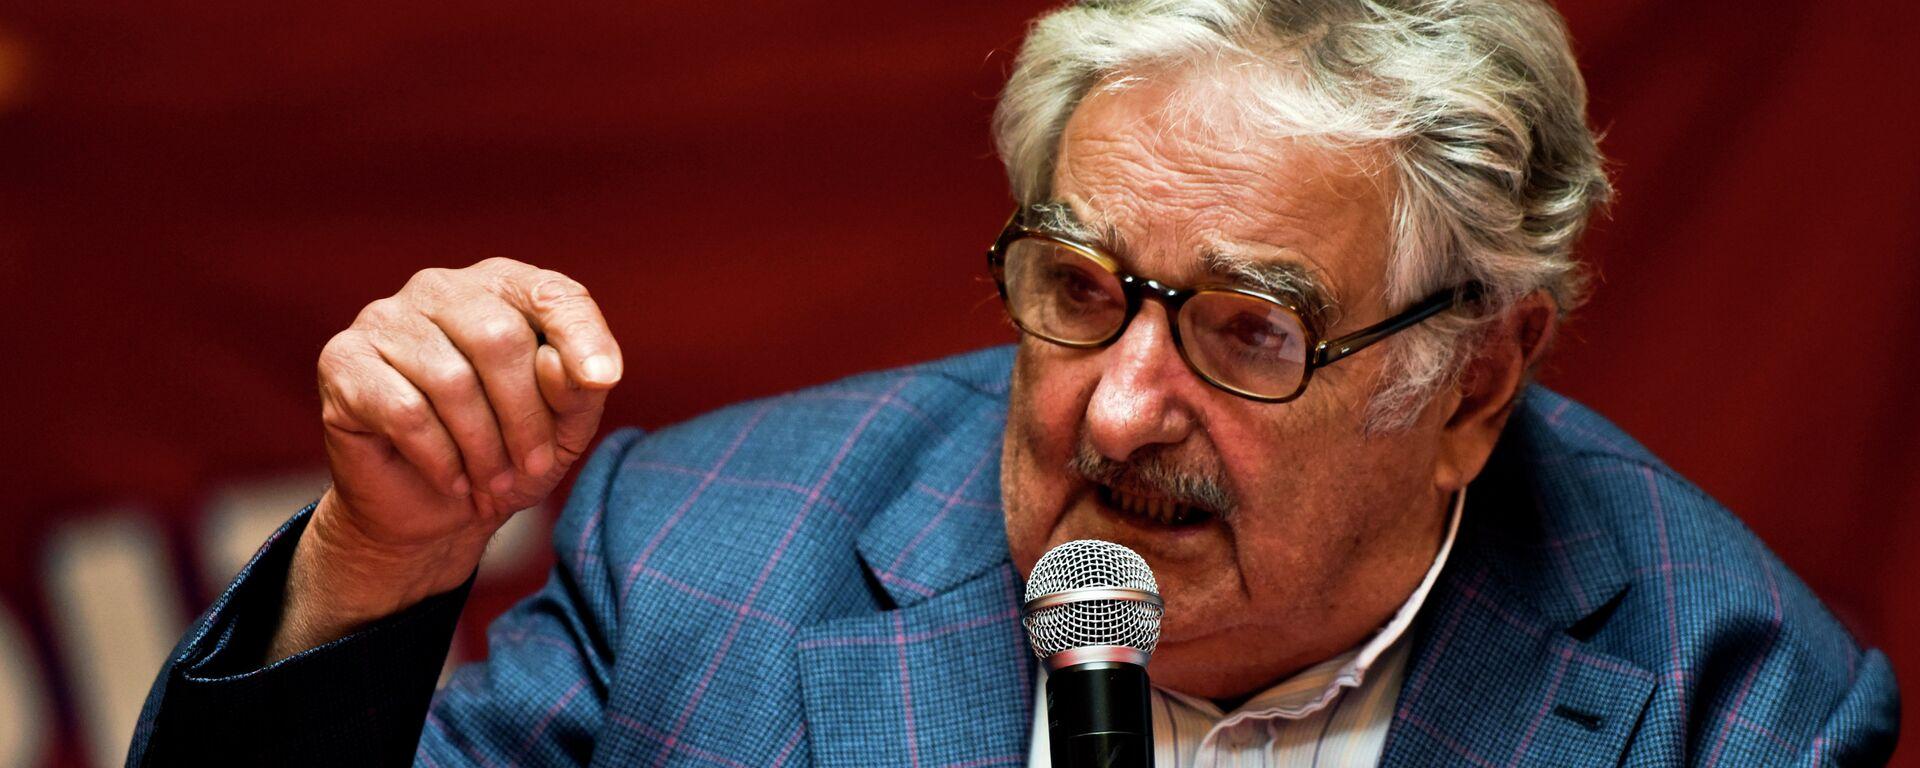 José Mujica, expresidente de Uruguay - Sputnik Mundo, 1920, 14.05.2021